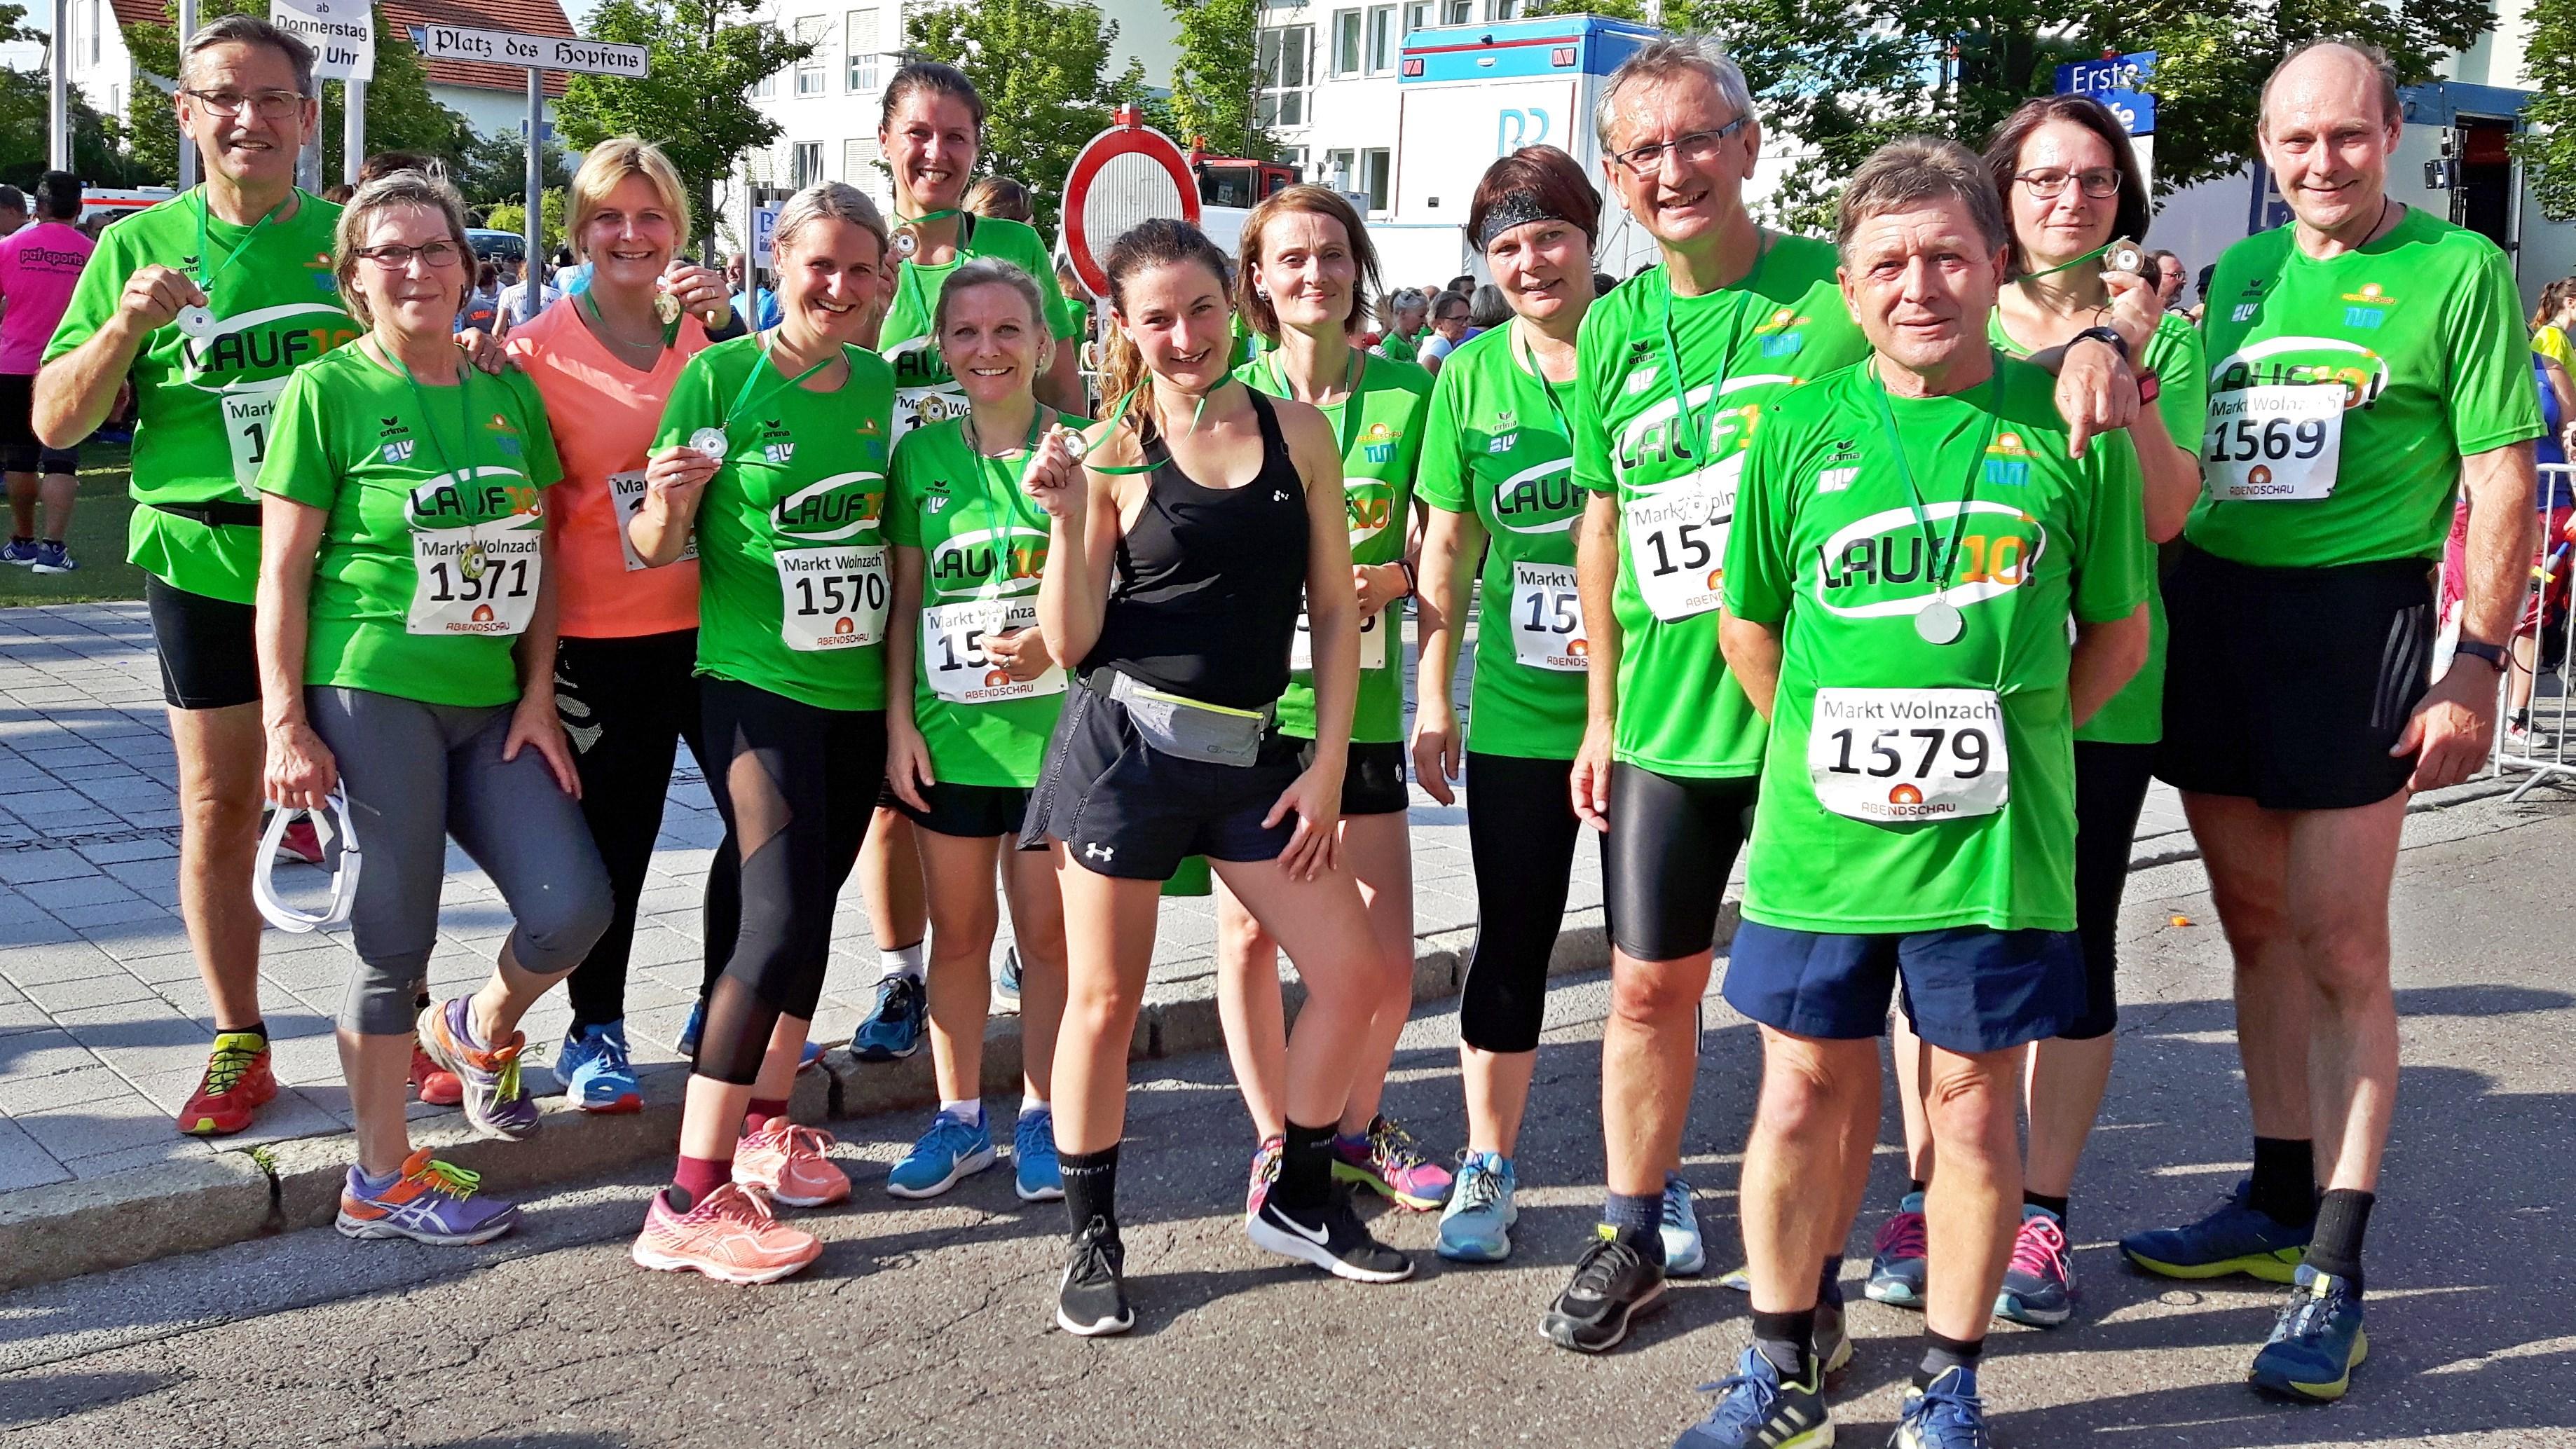 Die 13 Teilnehmer am Lauf10 in Wolnzach